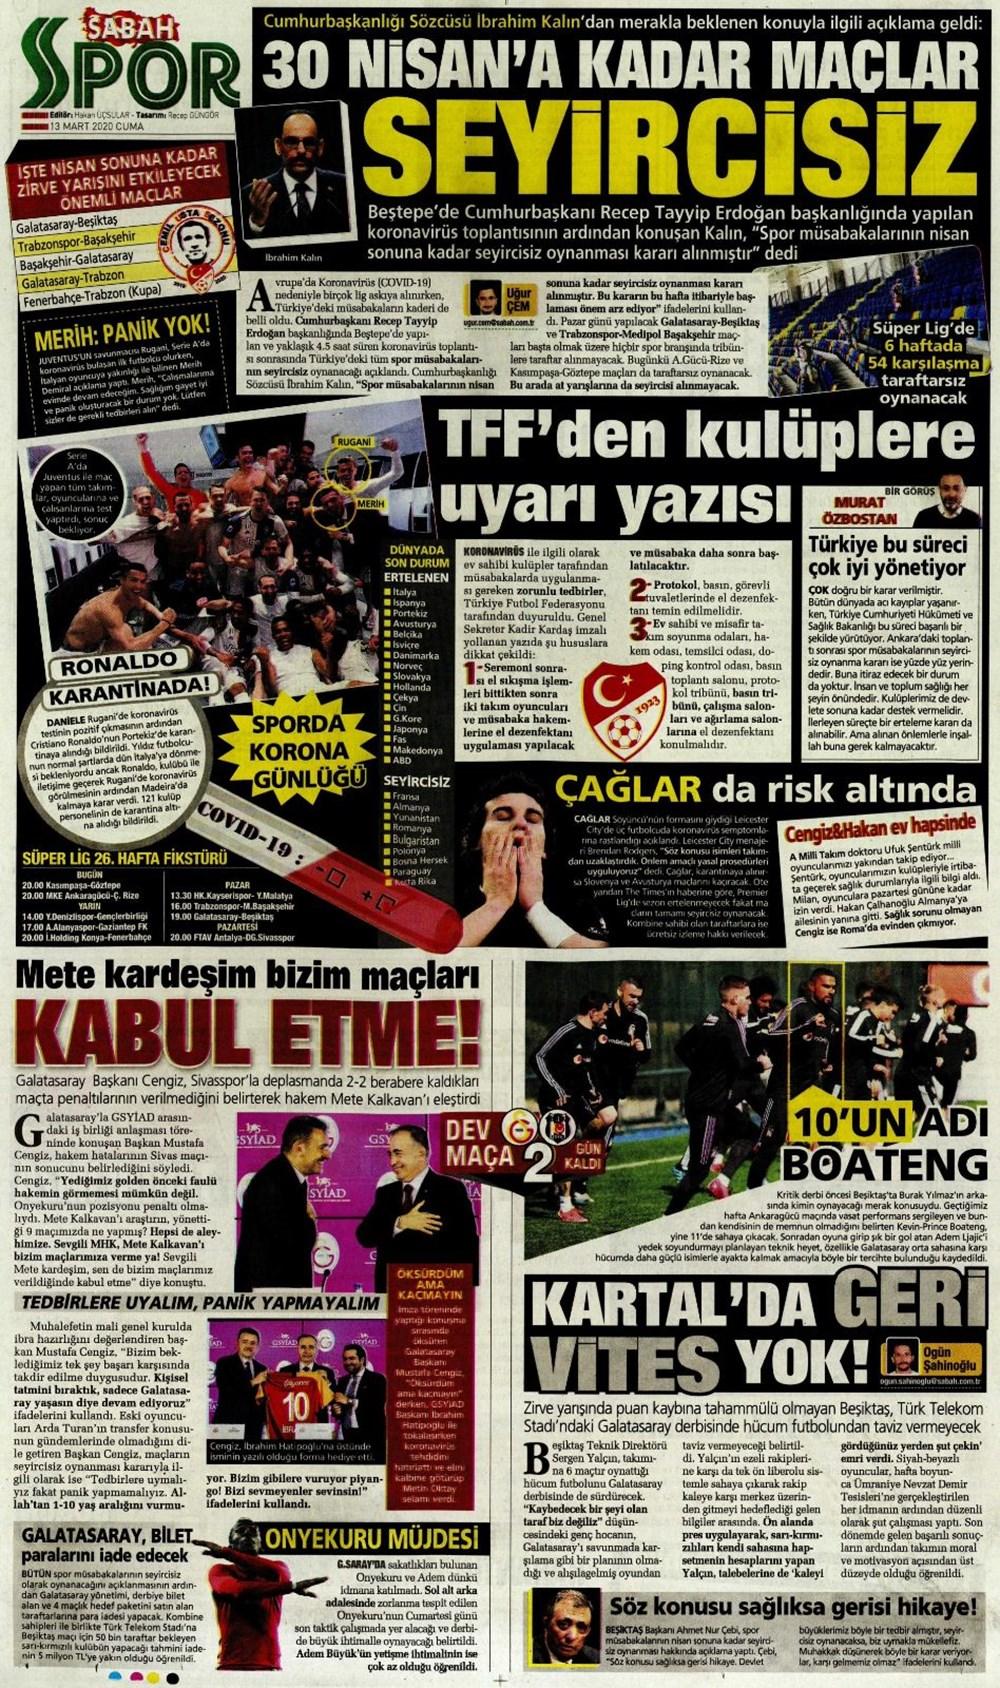 Spor manşetleri Fenerbahçe, Galatasaray, Beşiktaş, Trabzonspor